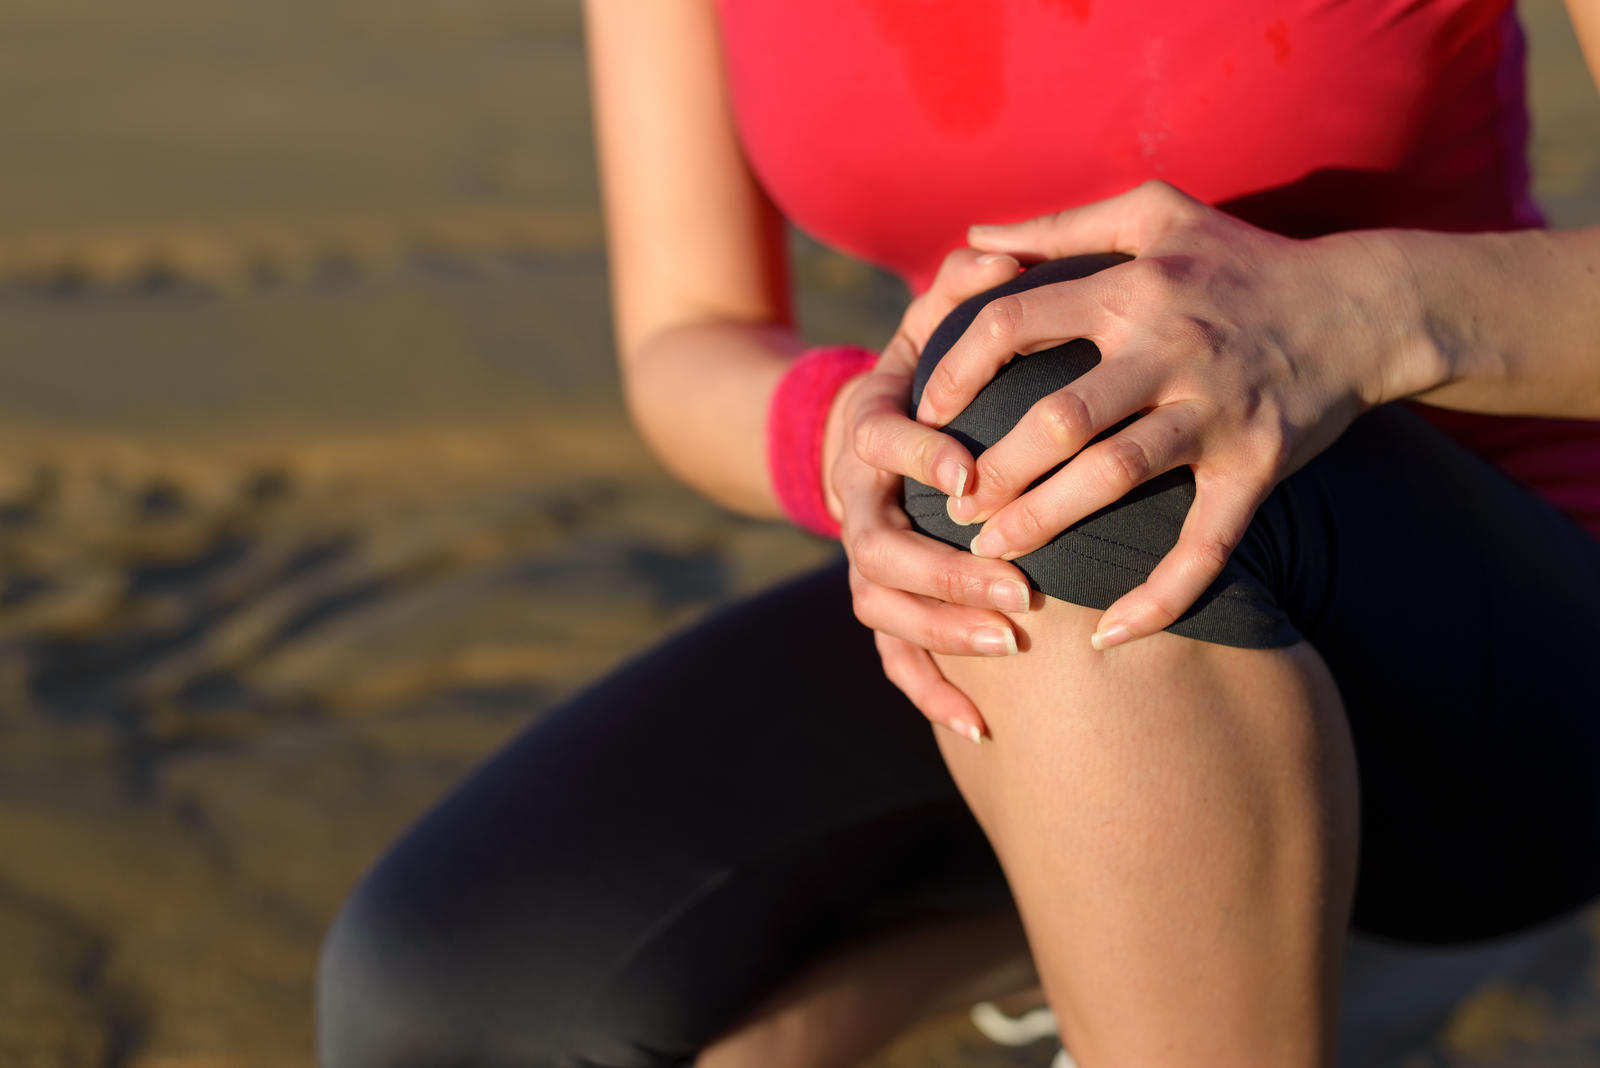 kaip pašalinti iš artrito sąnarių uždegimą kremas ligos sąnarių